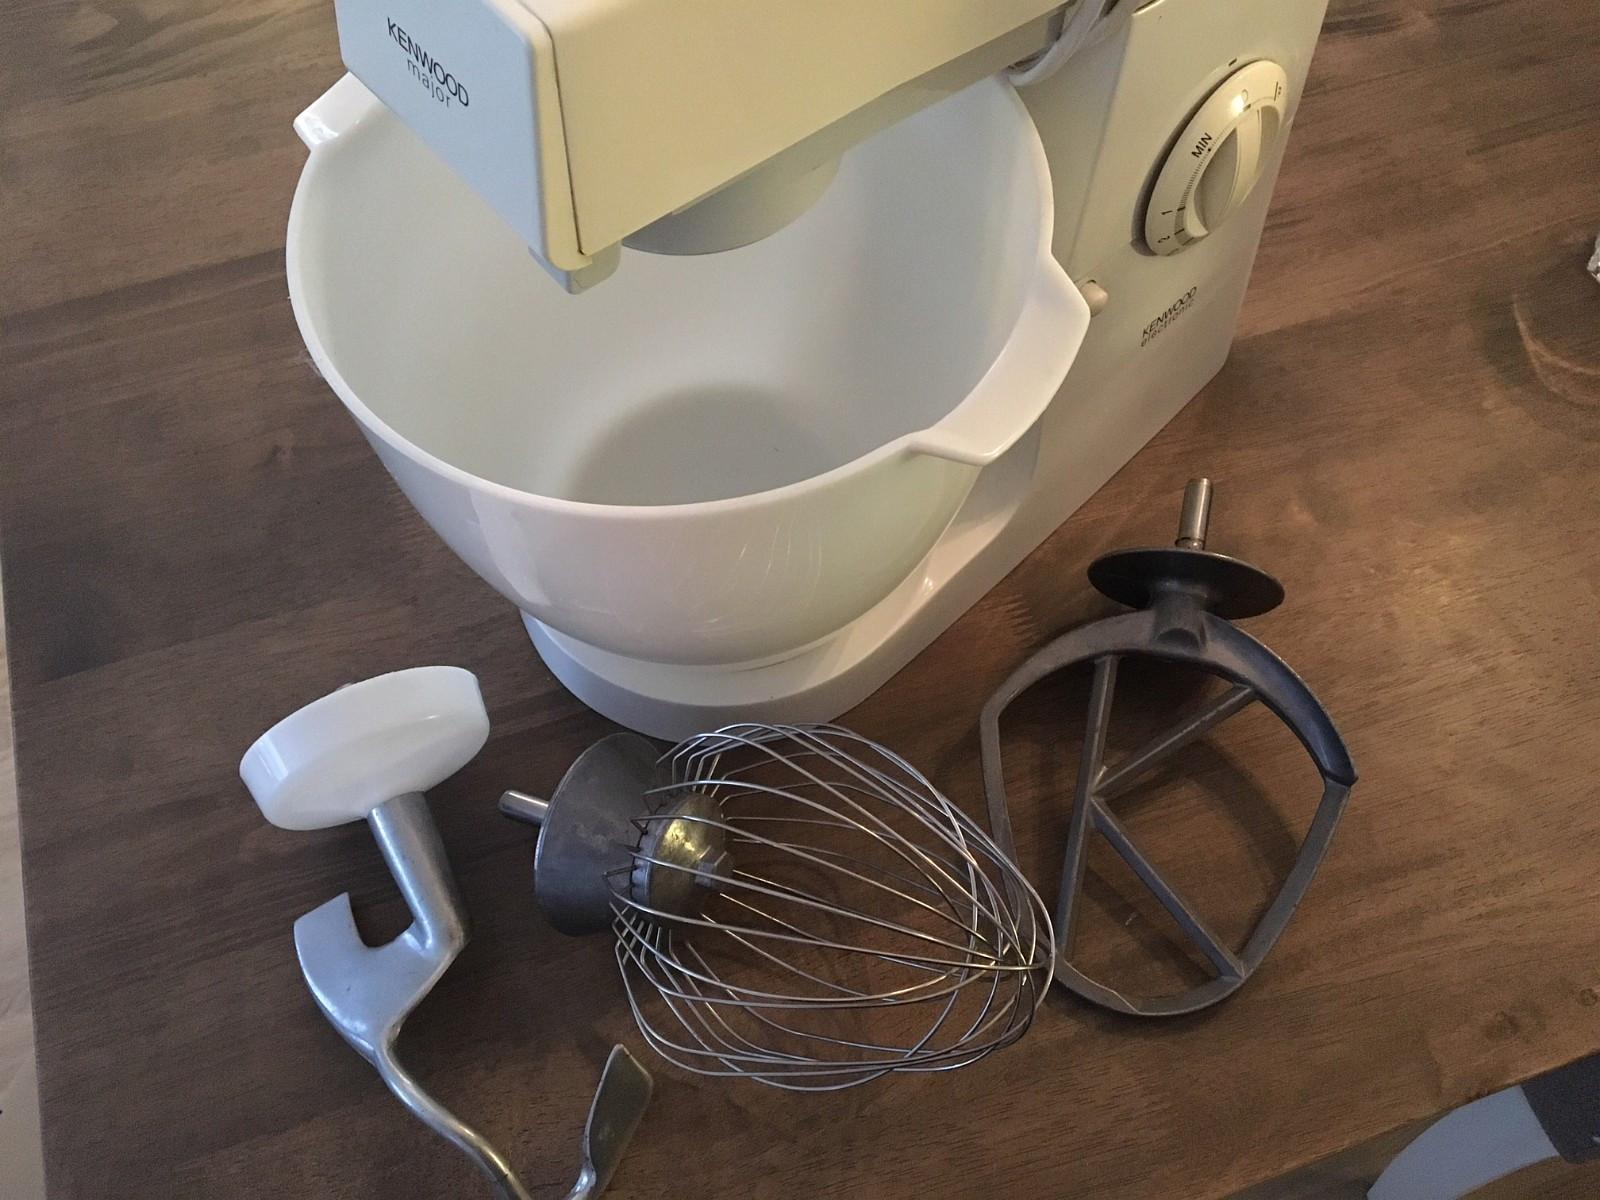 Kenwood-kjøkkenmaskin – et must på kjøkkenet - Moss  - Kenwood Major-kjøkkenmaskin selges. Godt, men pent brukt. Fungerer slik den skal og er effektiv og robust. Et must på kjøkkenet.   Eltekrok, ballongvisp og k-spade medfølger, alle i stål.   Ny ligger denne på mell - Moss